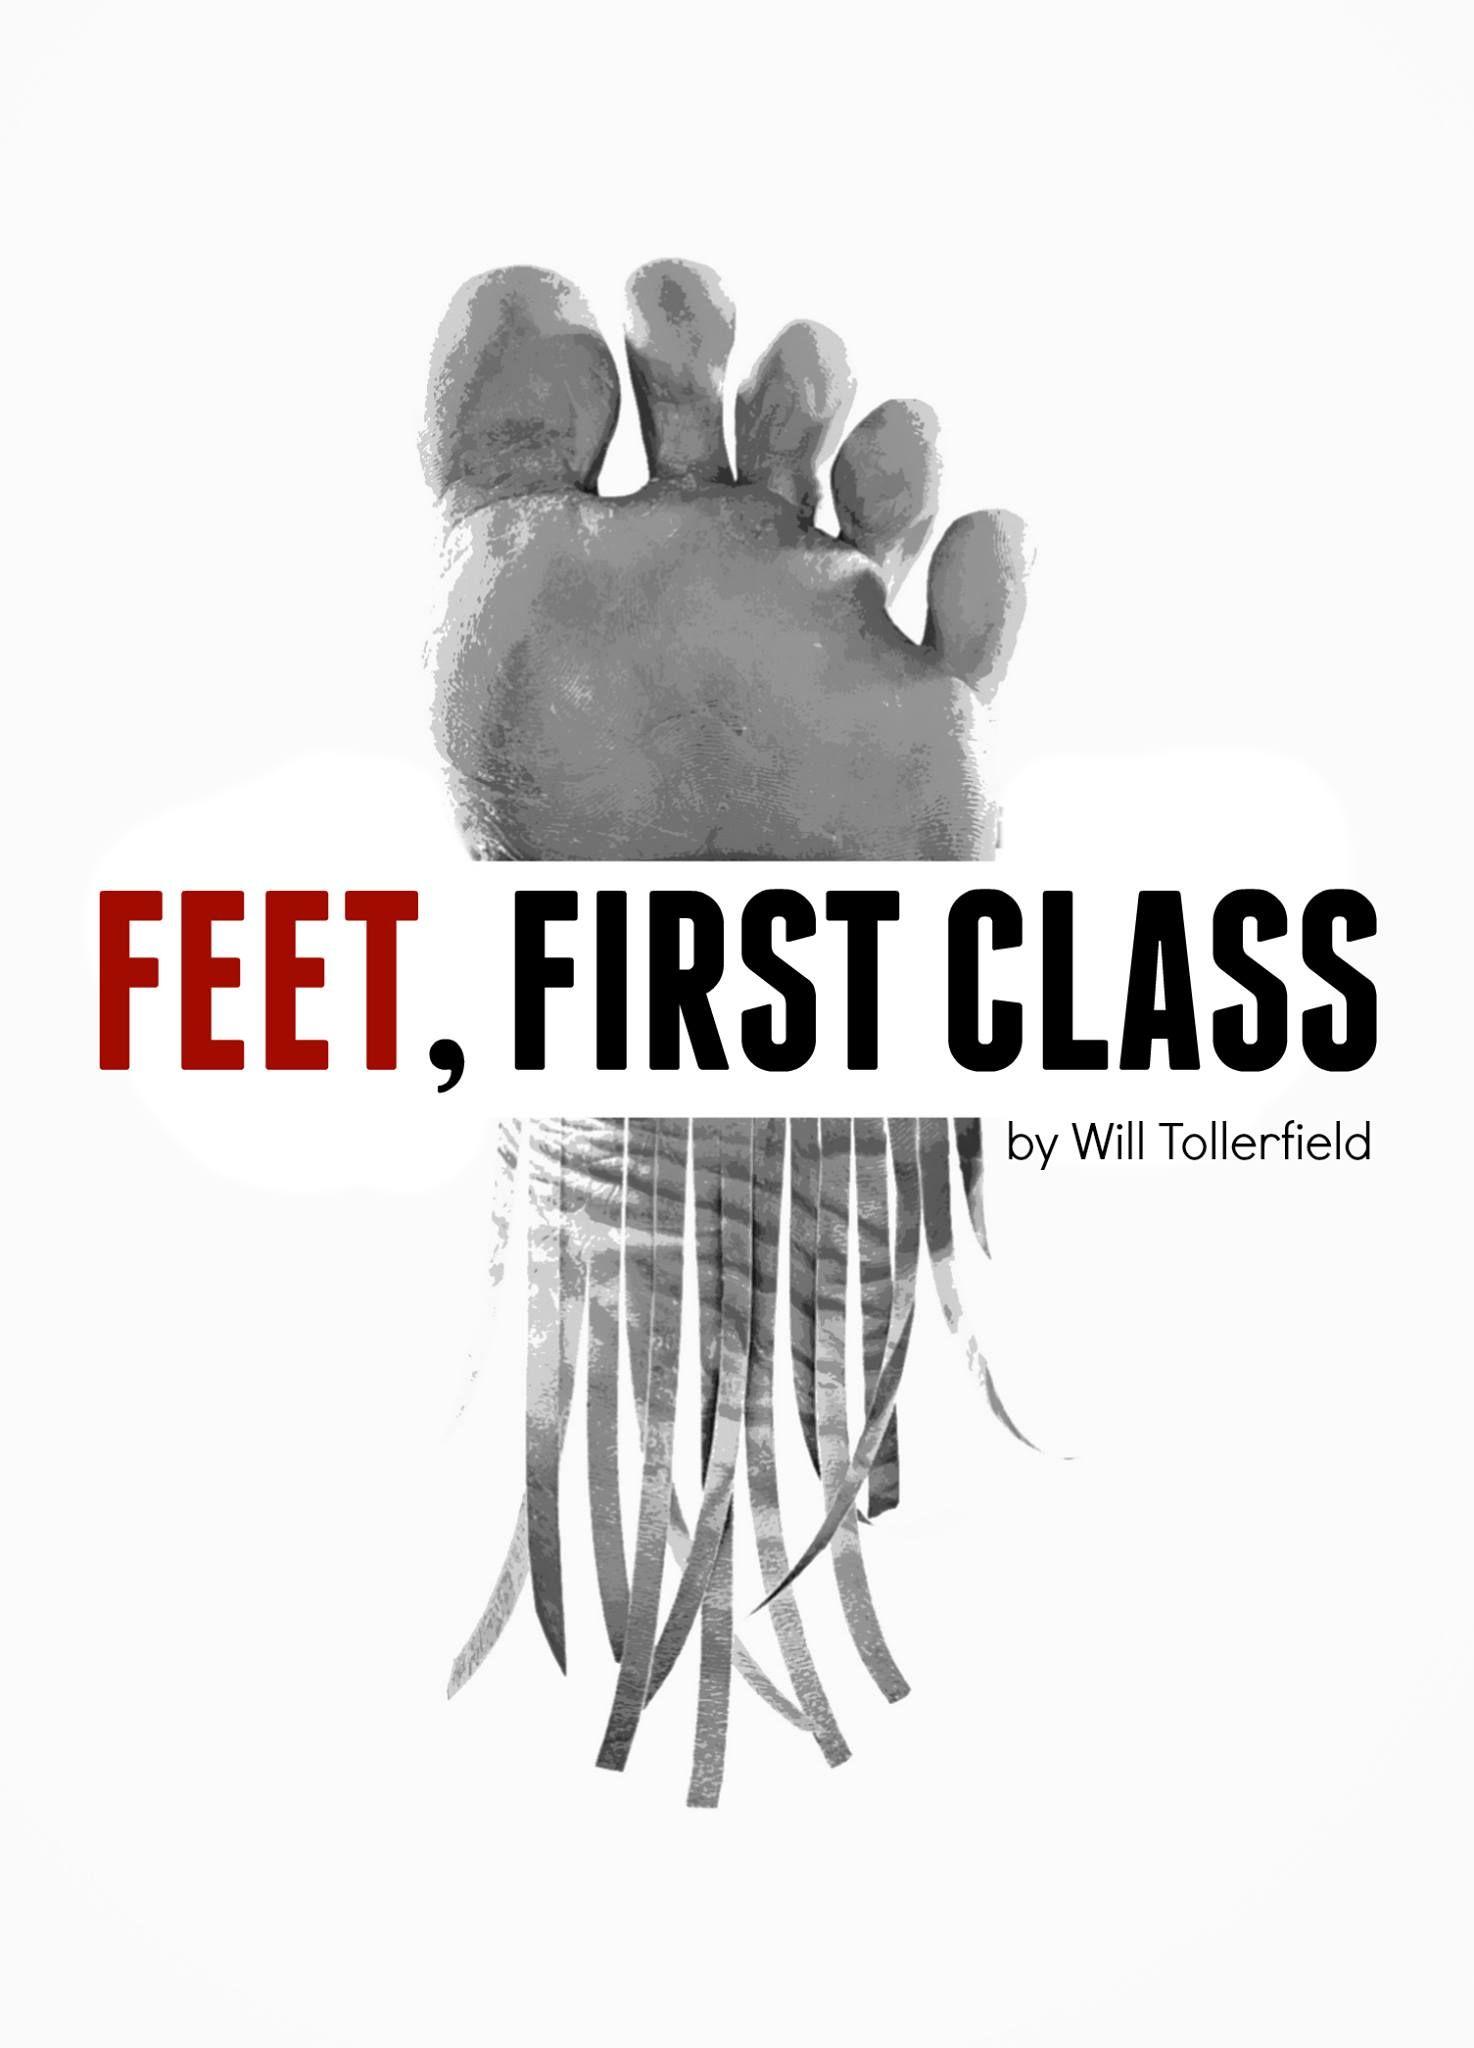 Feet, First Class